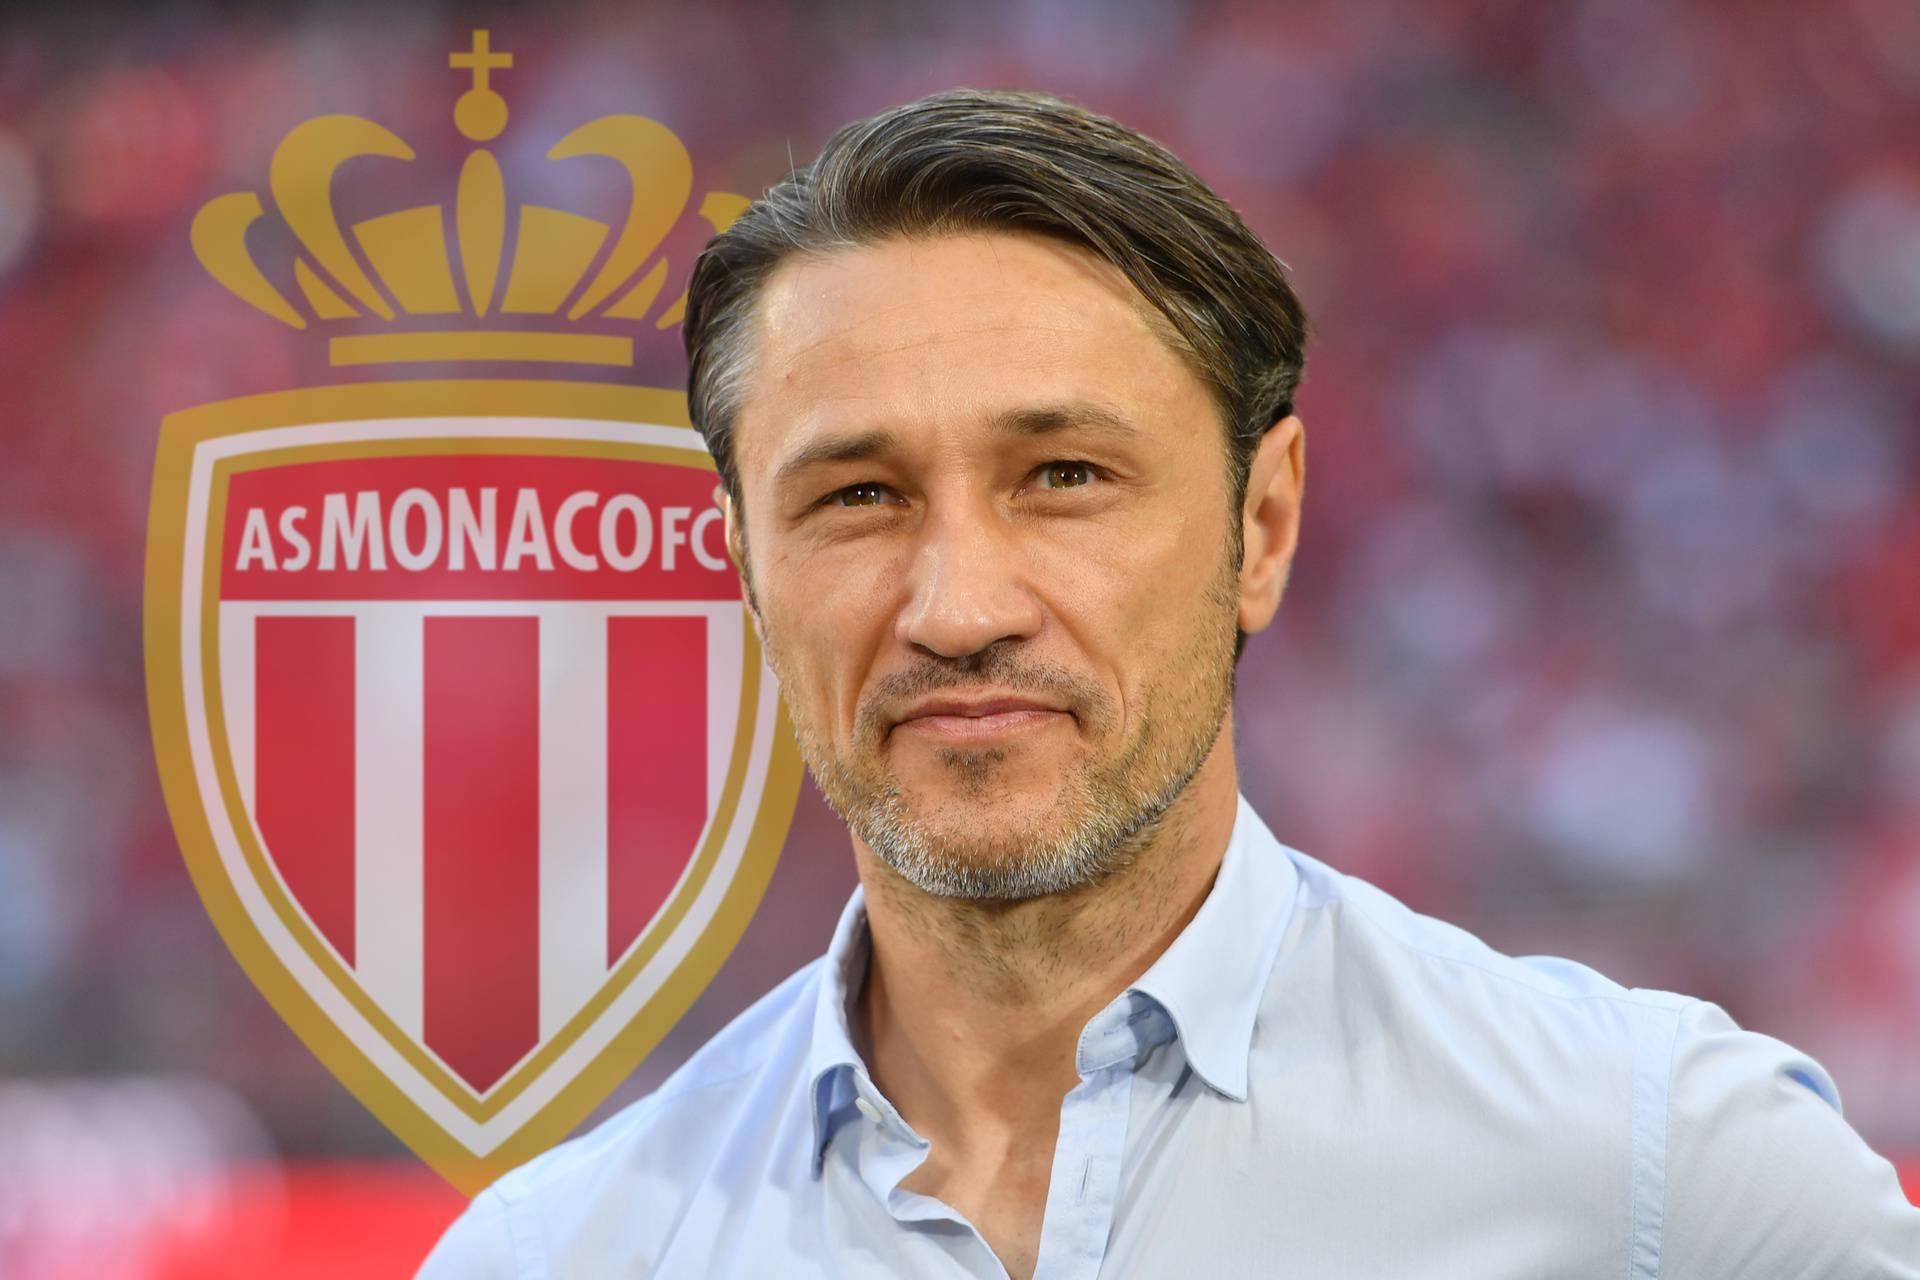 Niko KOVAC may become coach at AS Monaco.